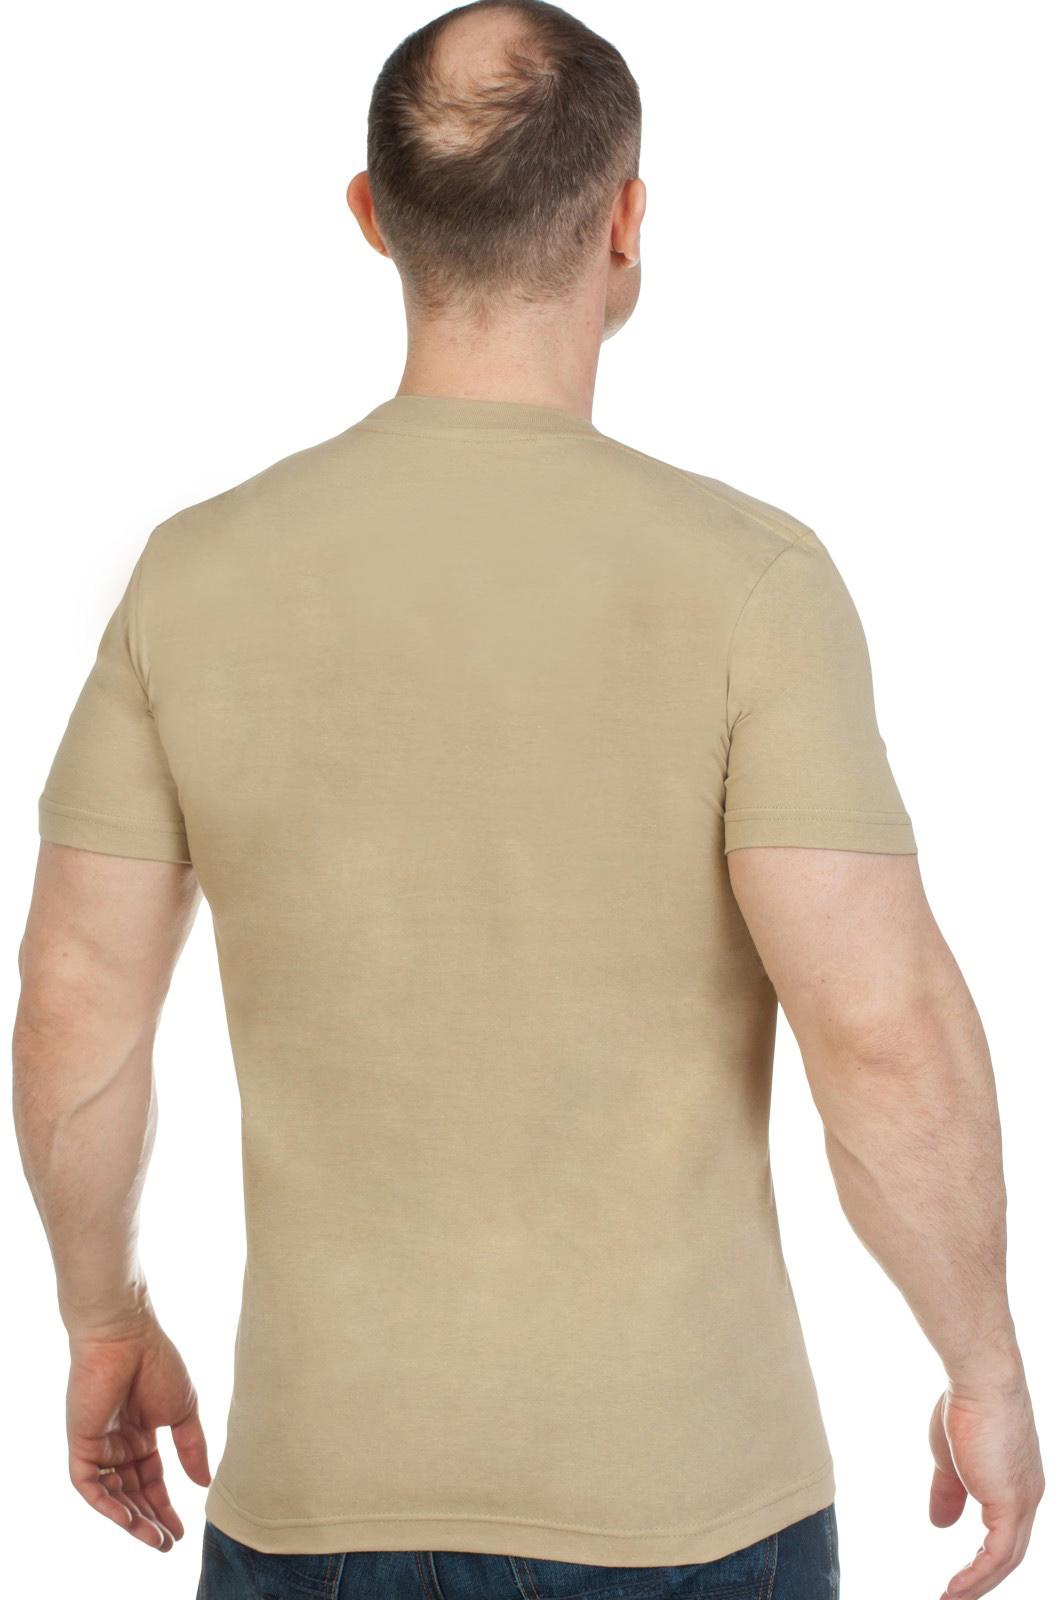 Трикотажная мужская футболка Россия - купить онлайн